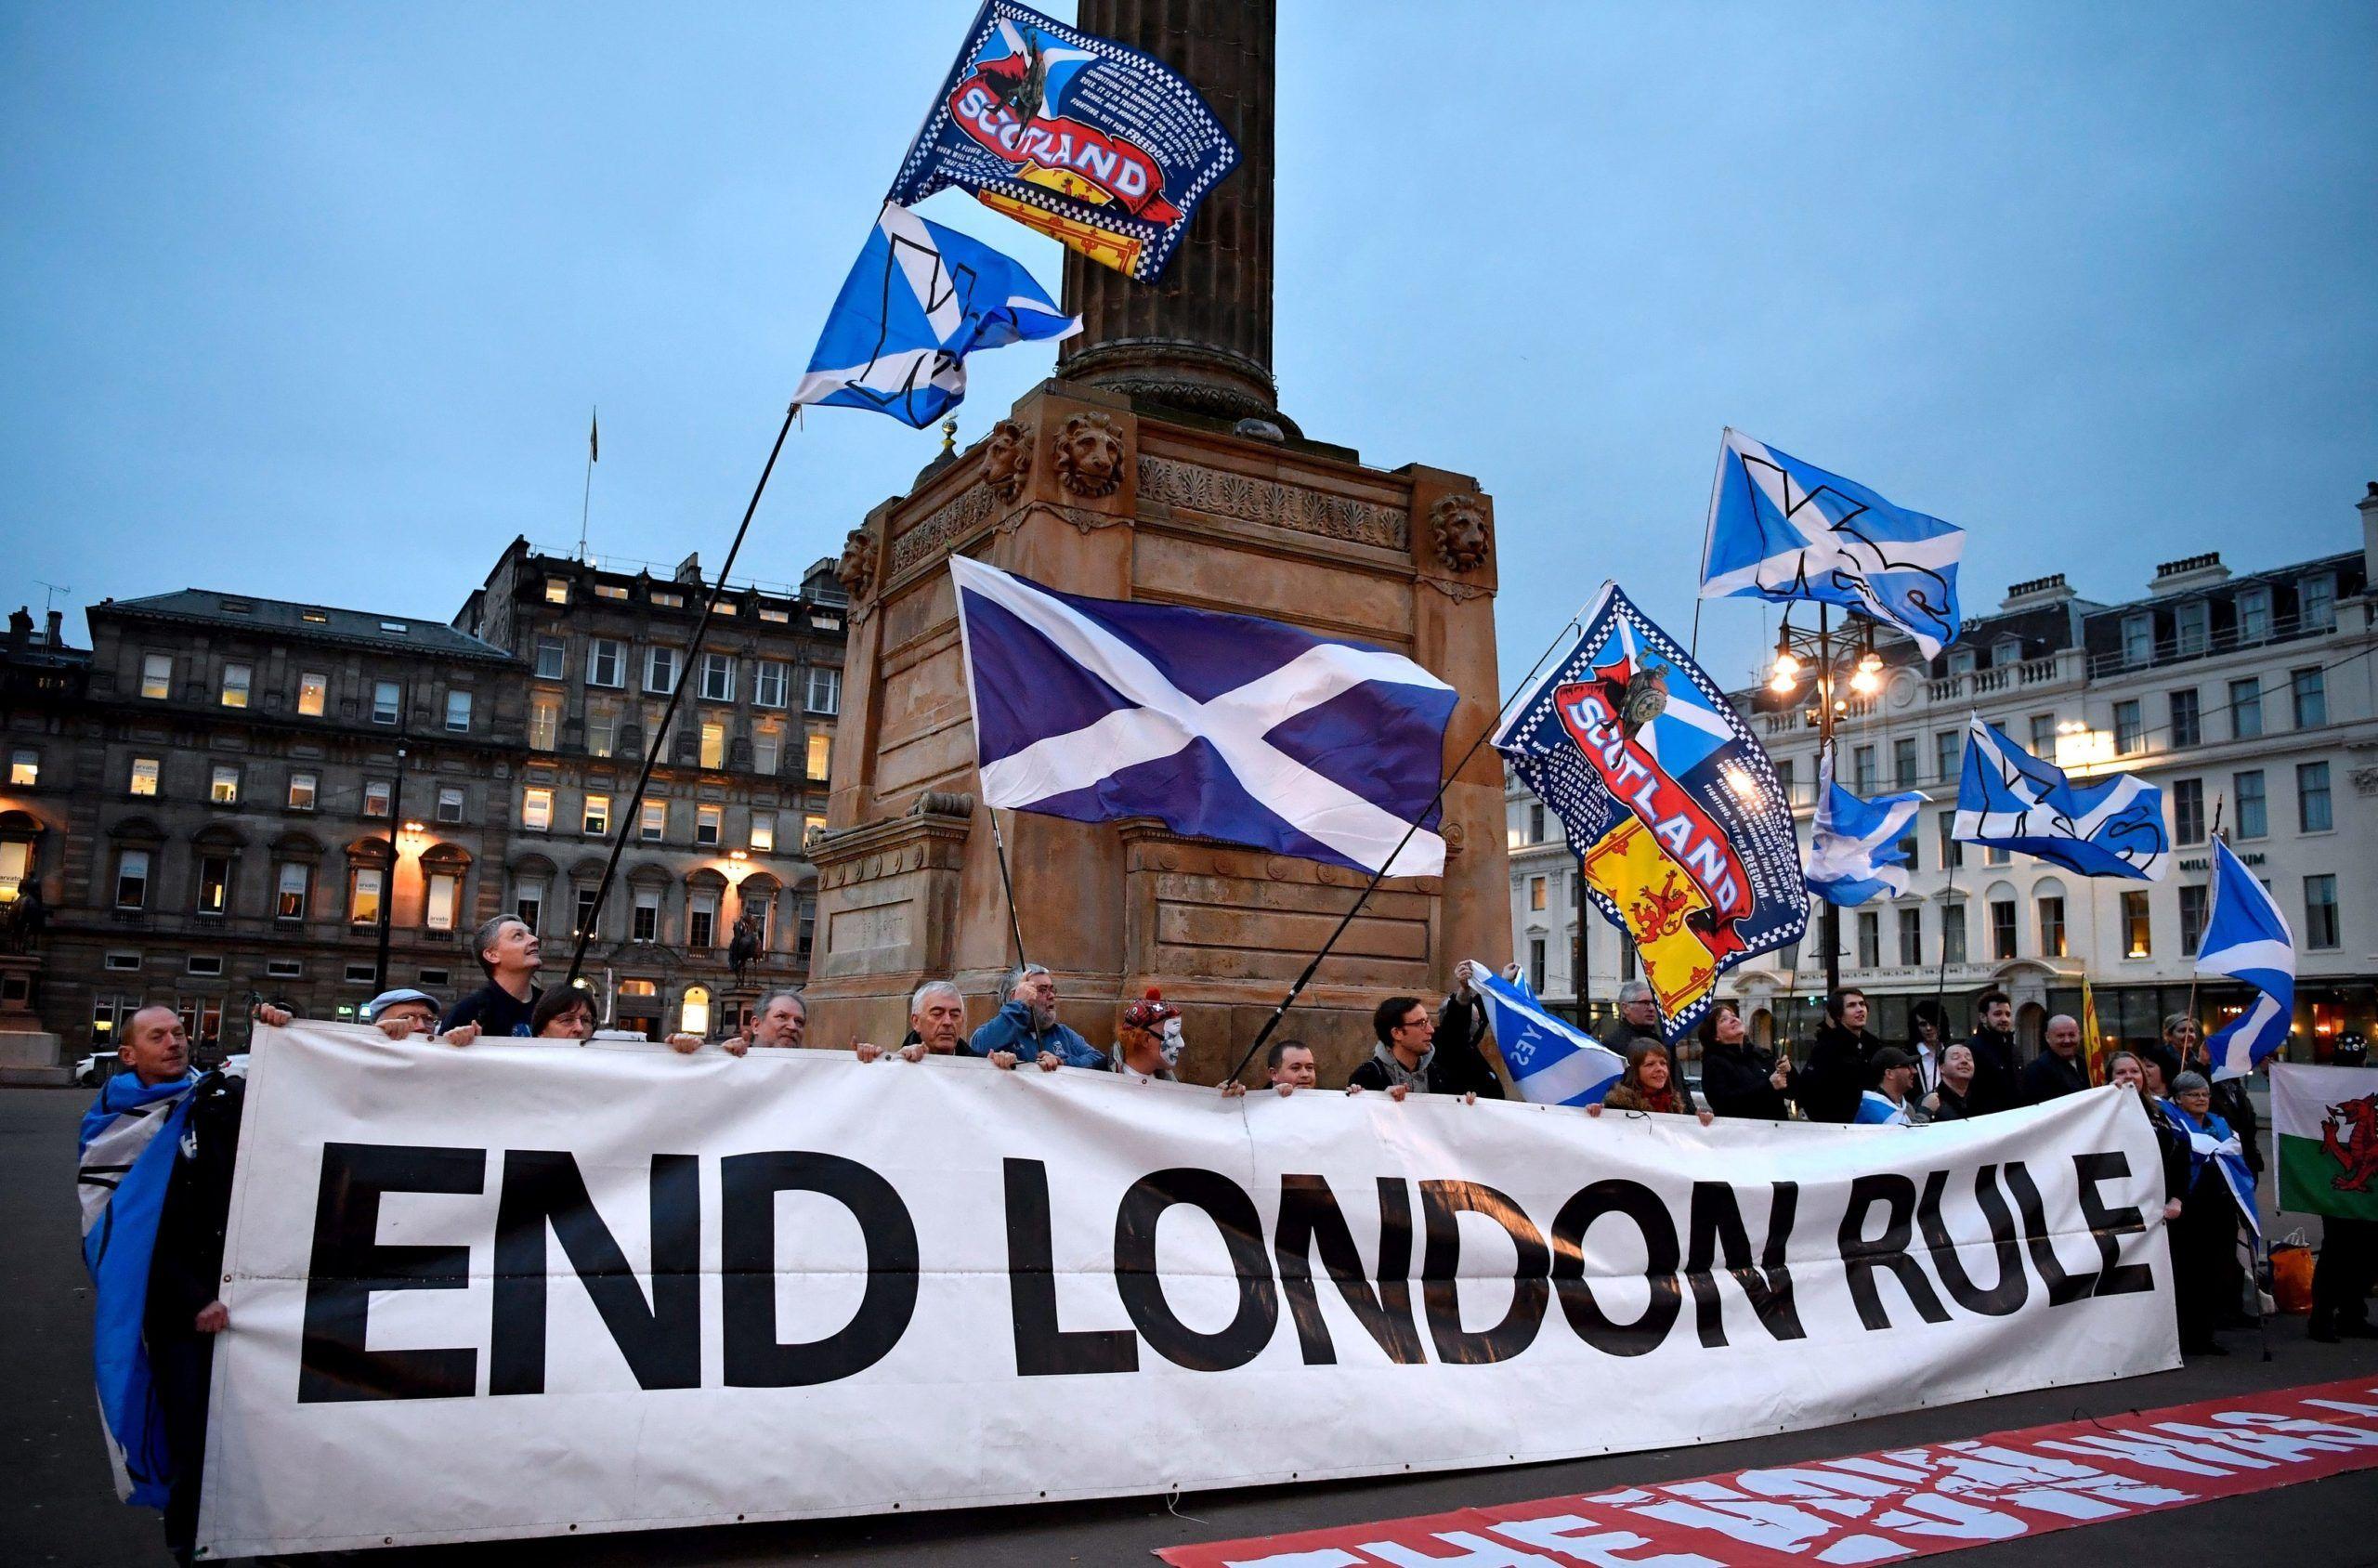 Escocia discute su independencia del Reino Unido después del Brexit |